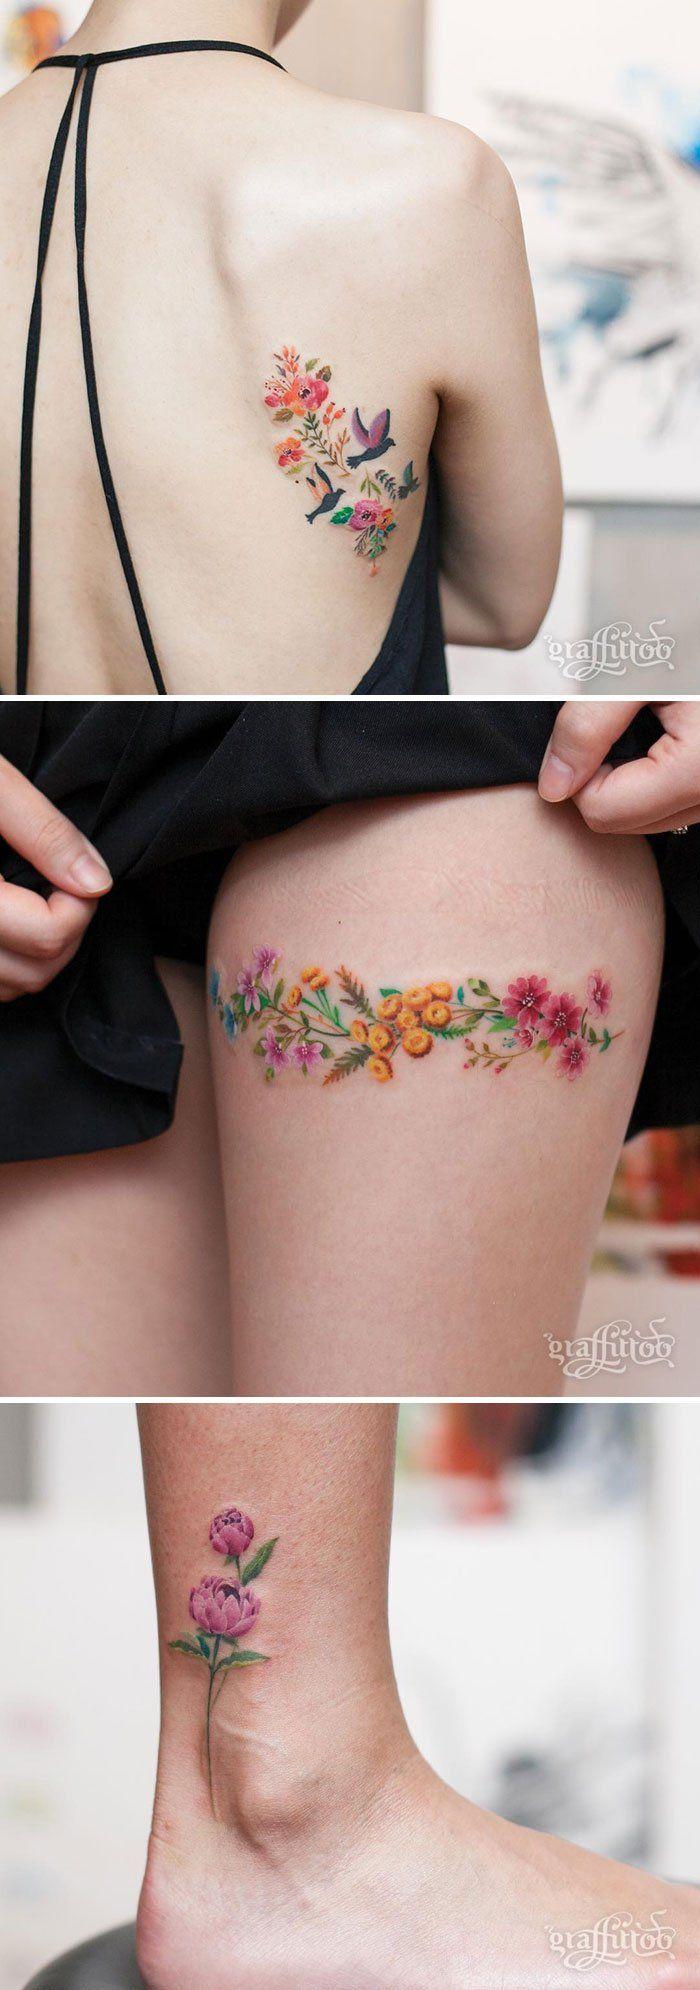 La primavera ya está aquí y para celebrarlo, artistas del tatuaje de todo el mundo han compartido sus creaciones florales. Comprobarás que aunque todos los motivos son el mismo, cada artistatiene su propio estilo único